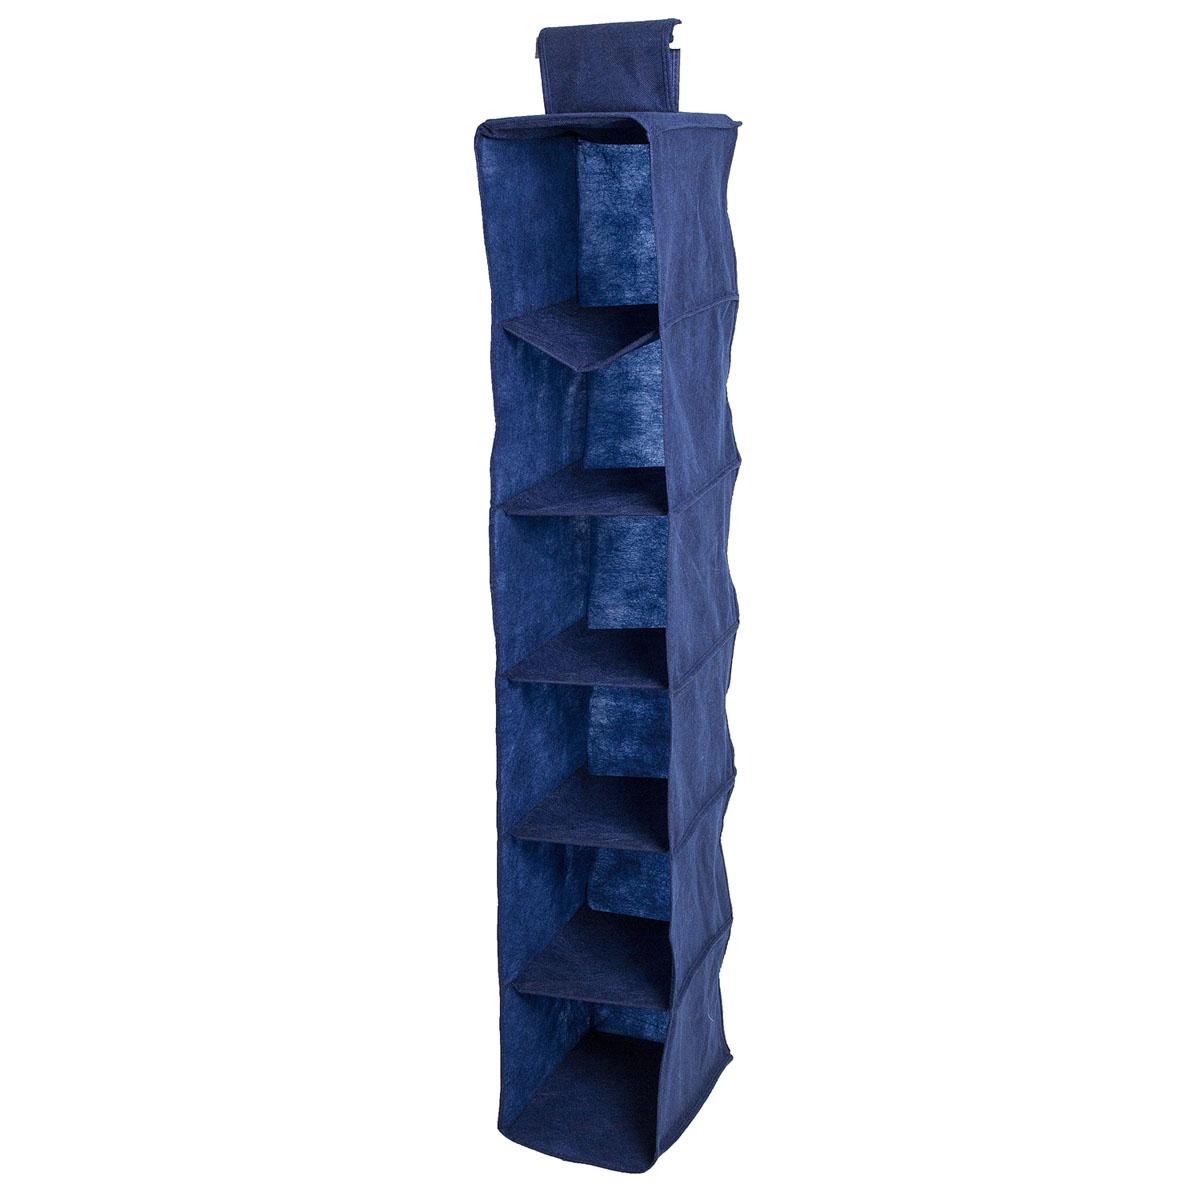 Органайзер подвесной Homsu Bluе Sky, 6 полок, 30 х 20 х 120 смHOM-56Подвесной органайзер Homsu Bluе Sky выполнен из прочного полиэстера - материала, который отличается прочностью, водоотталкивающими свойствами и практичностью. Изделие имеет 6 полок для хранения различных предметов, в том числе одежды, детских игрушек. Органайзер подвешивается к карнизу, рейлингу, стальным трубам и крепежам с помощью специальной петли. Размер полки: 30 х 20 см.